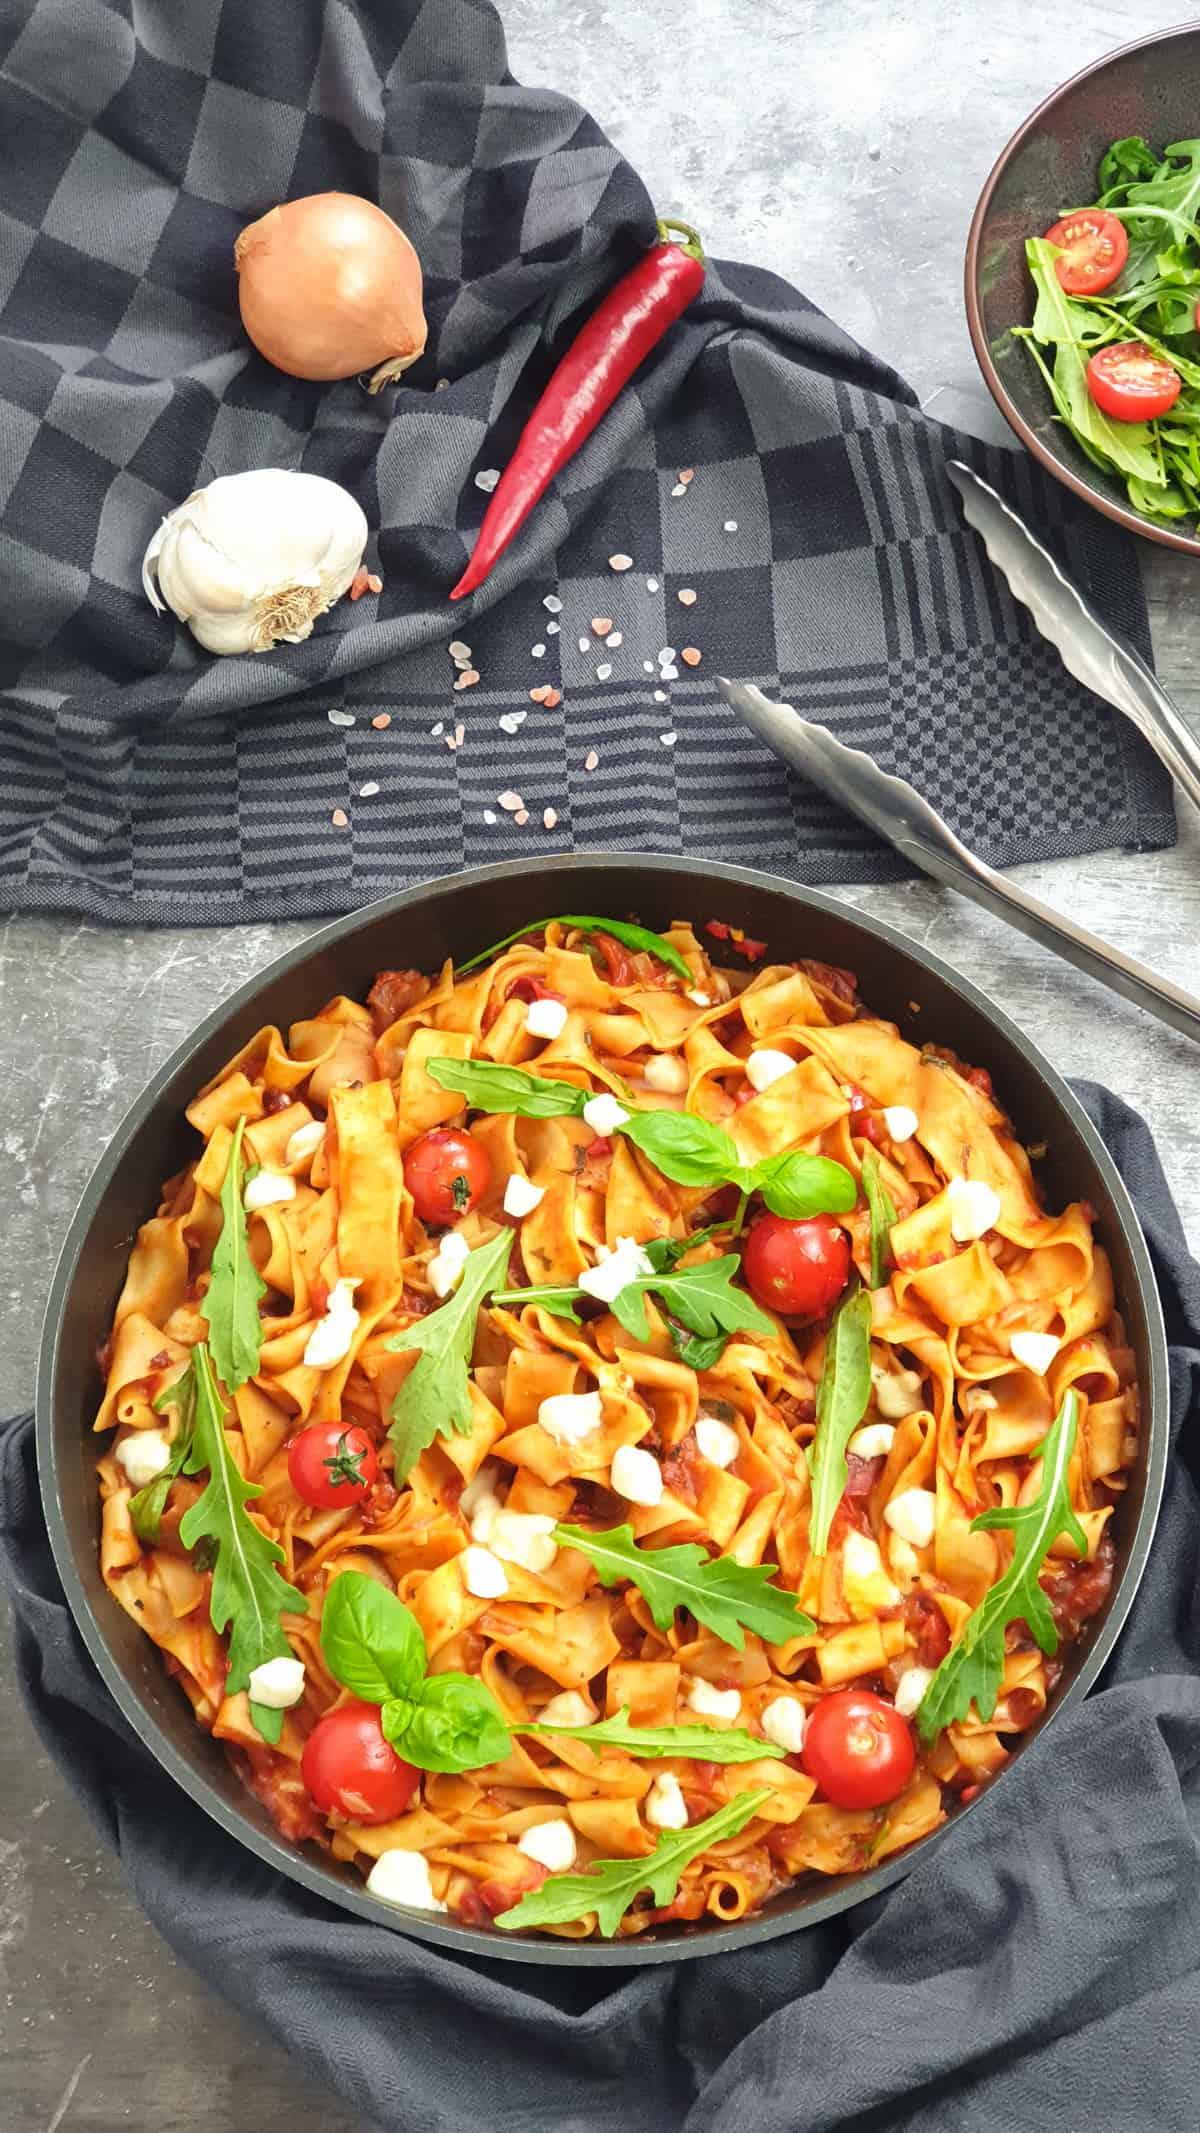 One Pot Pasta mit Bandnudeln, Rucola, Tomaten und Mozzarella in einer Pfanne. Im Hintergrund Deko.